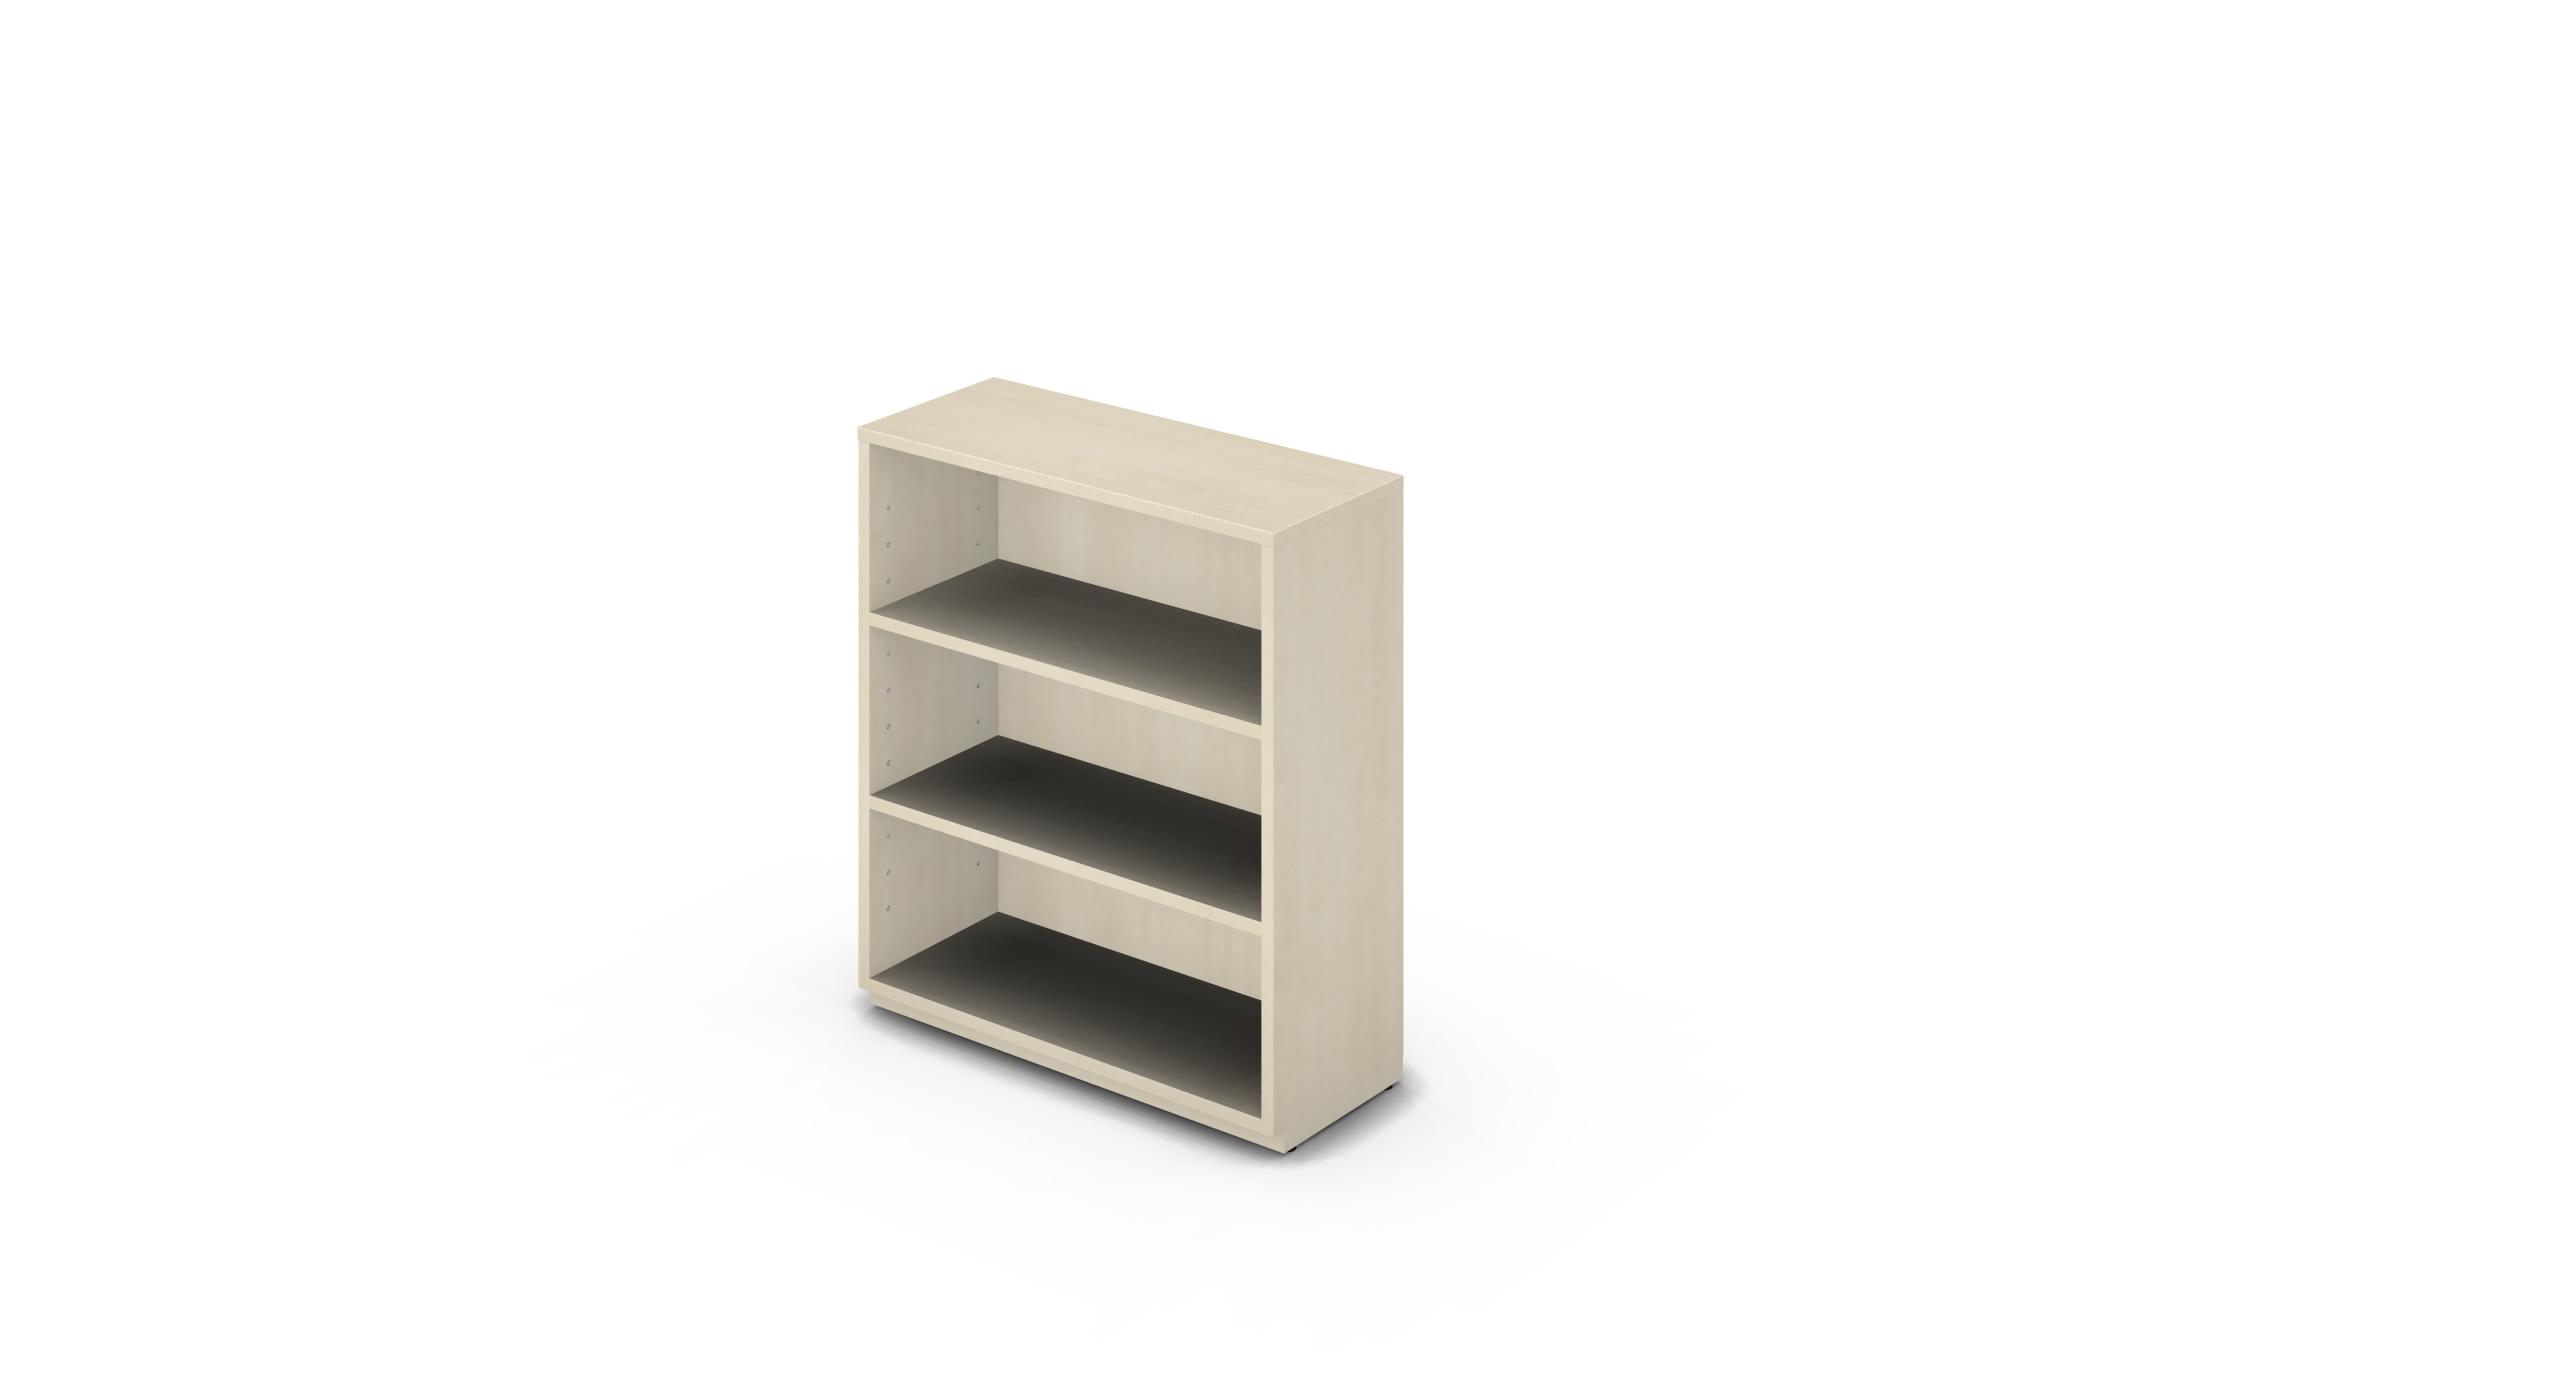 Shelf_900x350x1125_Maple